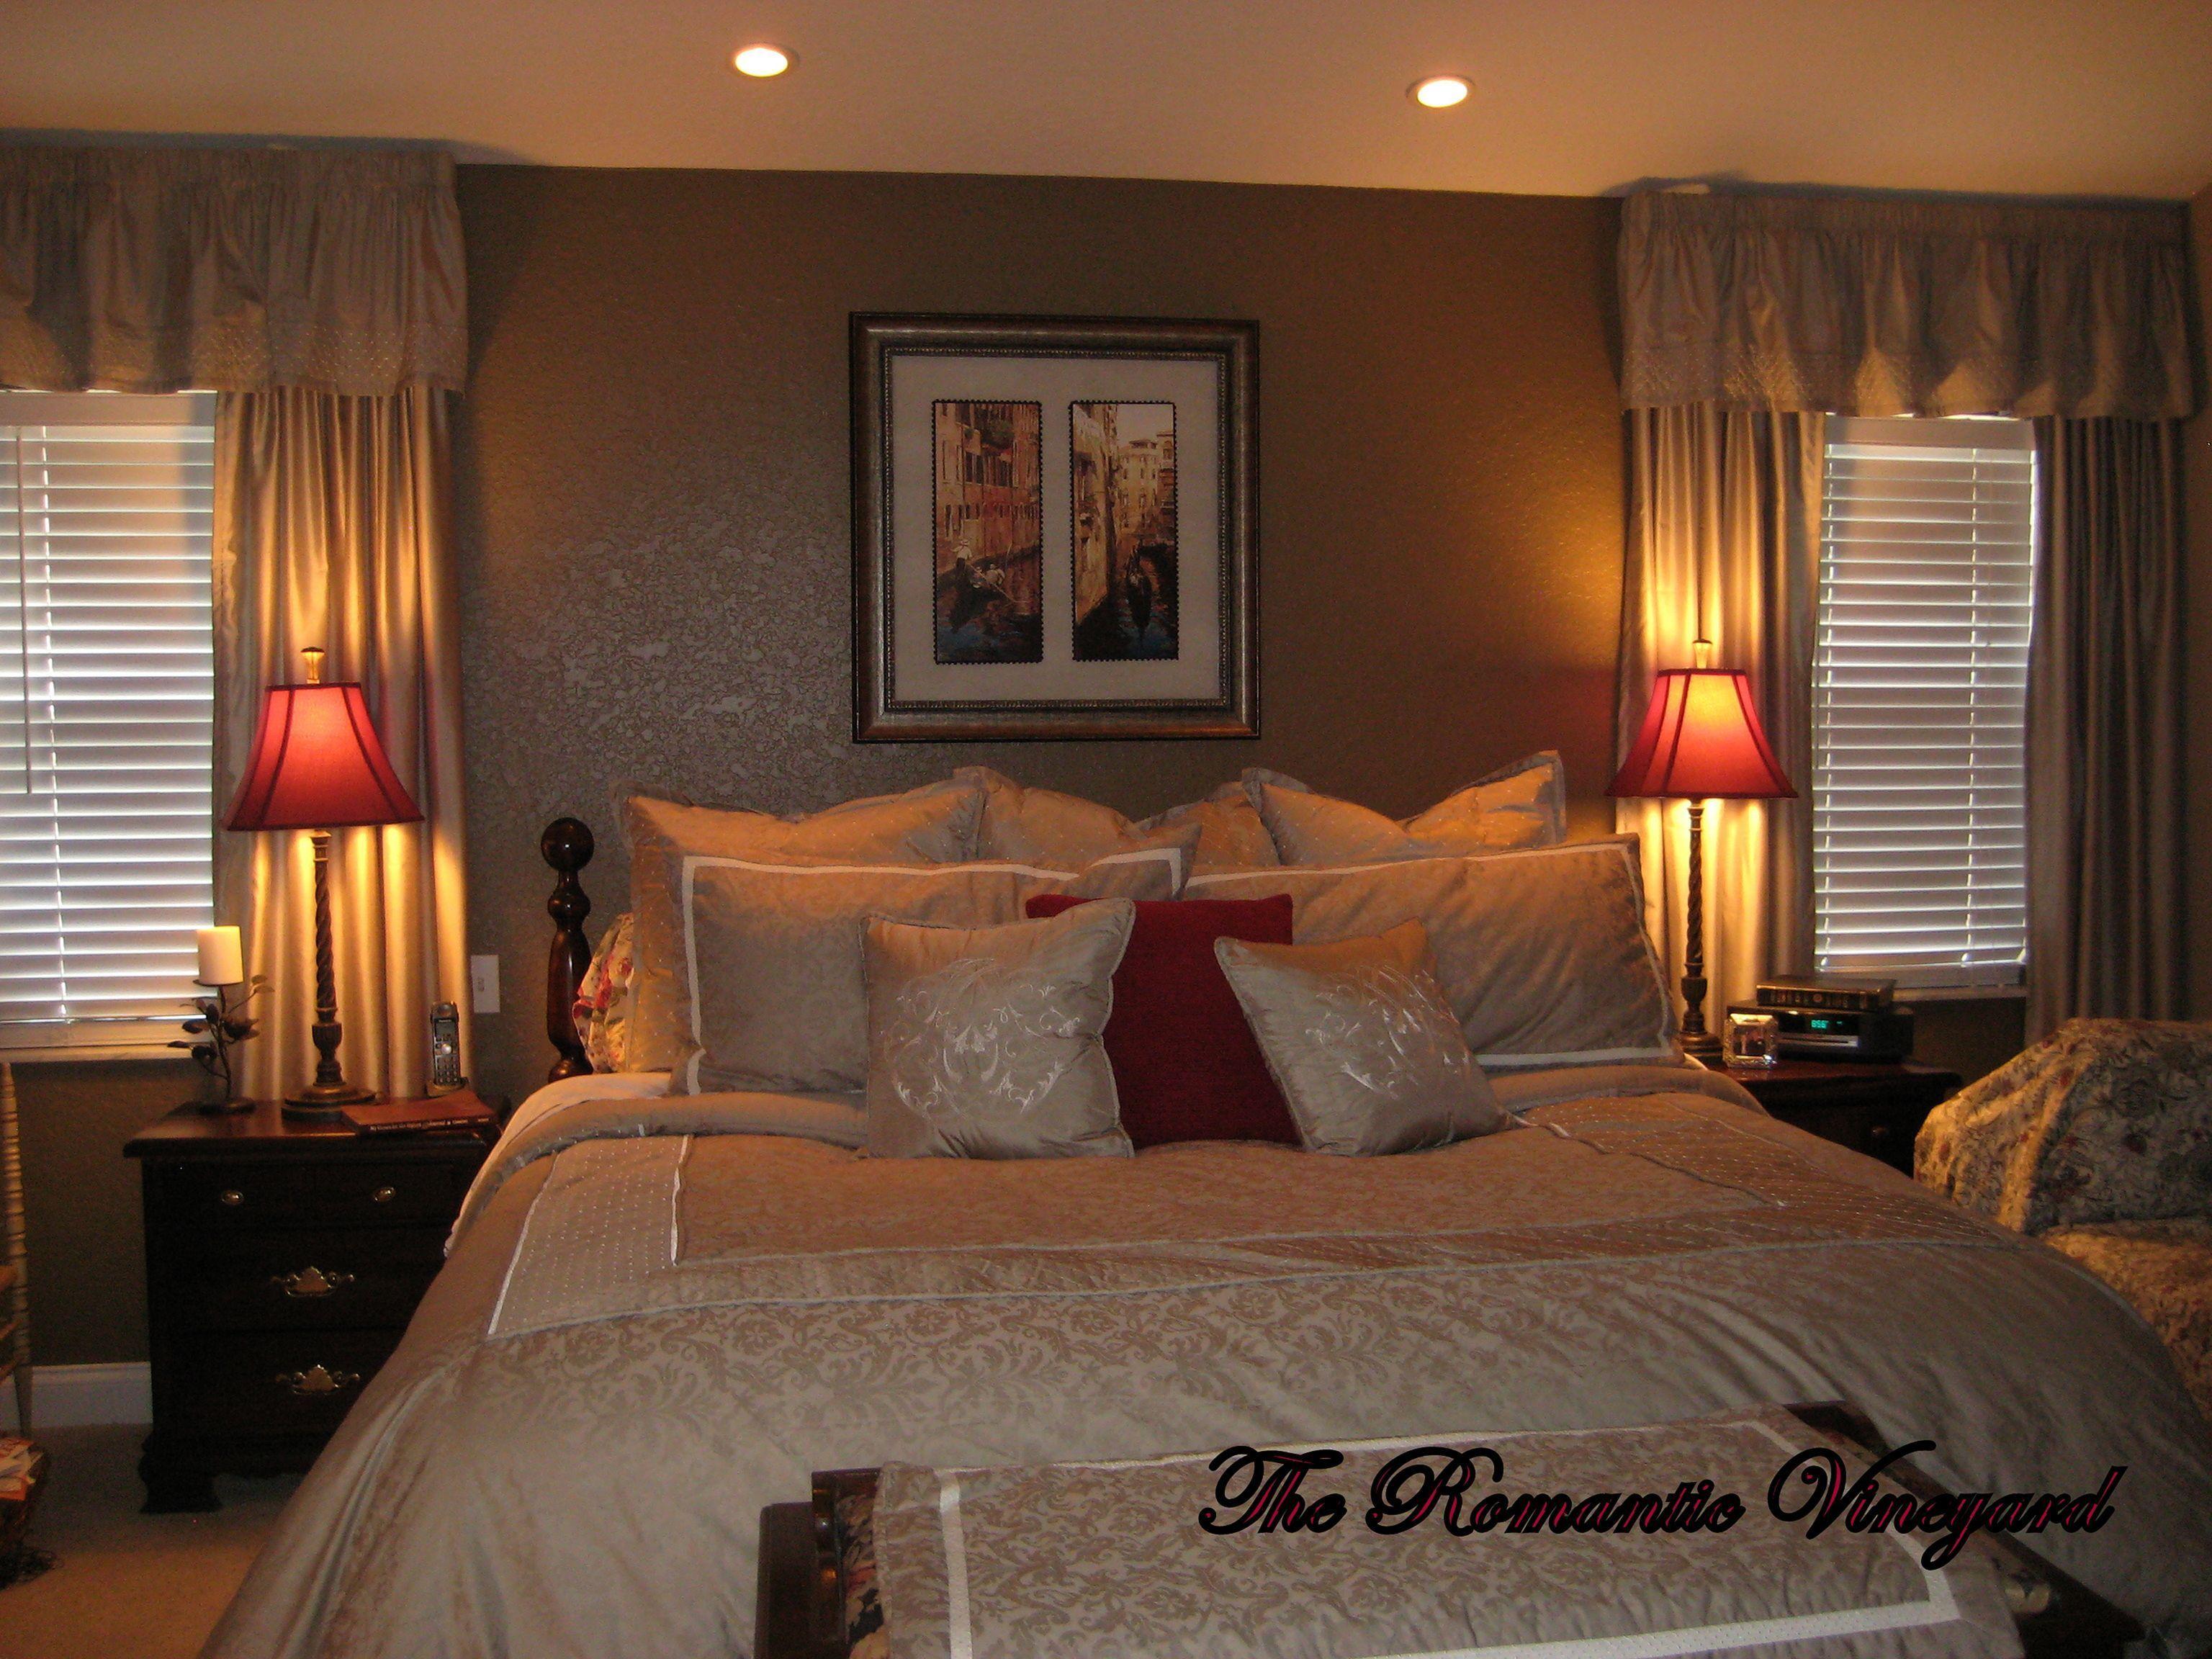 Cool 40 Best Beautiful Master Bedroom Design Ideas Https Classy Best Designed Bedrooms Inspiration Design